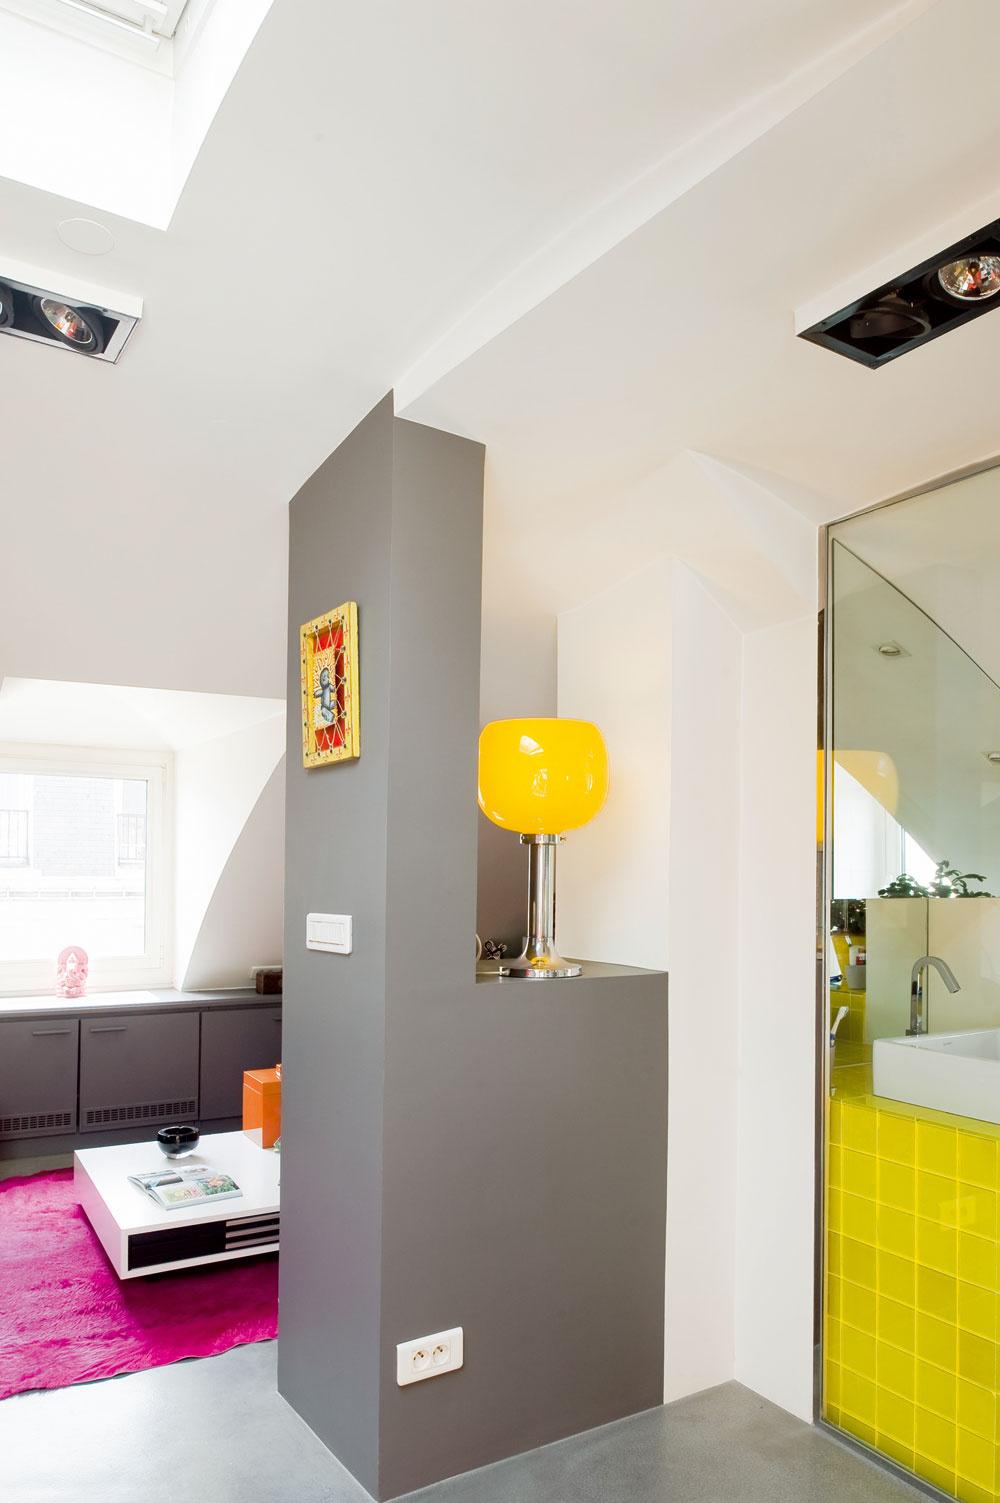 Časť nosnej steny, natretá sivou farbou, vytvára hranicu medzi rôznofarebnými svetmi kúpeľne, kuchyne aobývačky. Elegantne pritom ladí sbetónovou podlahou aneutrálne sivými skrinkami vobývacej izbe.